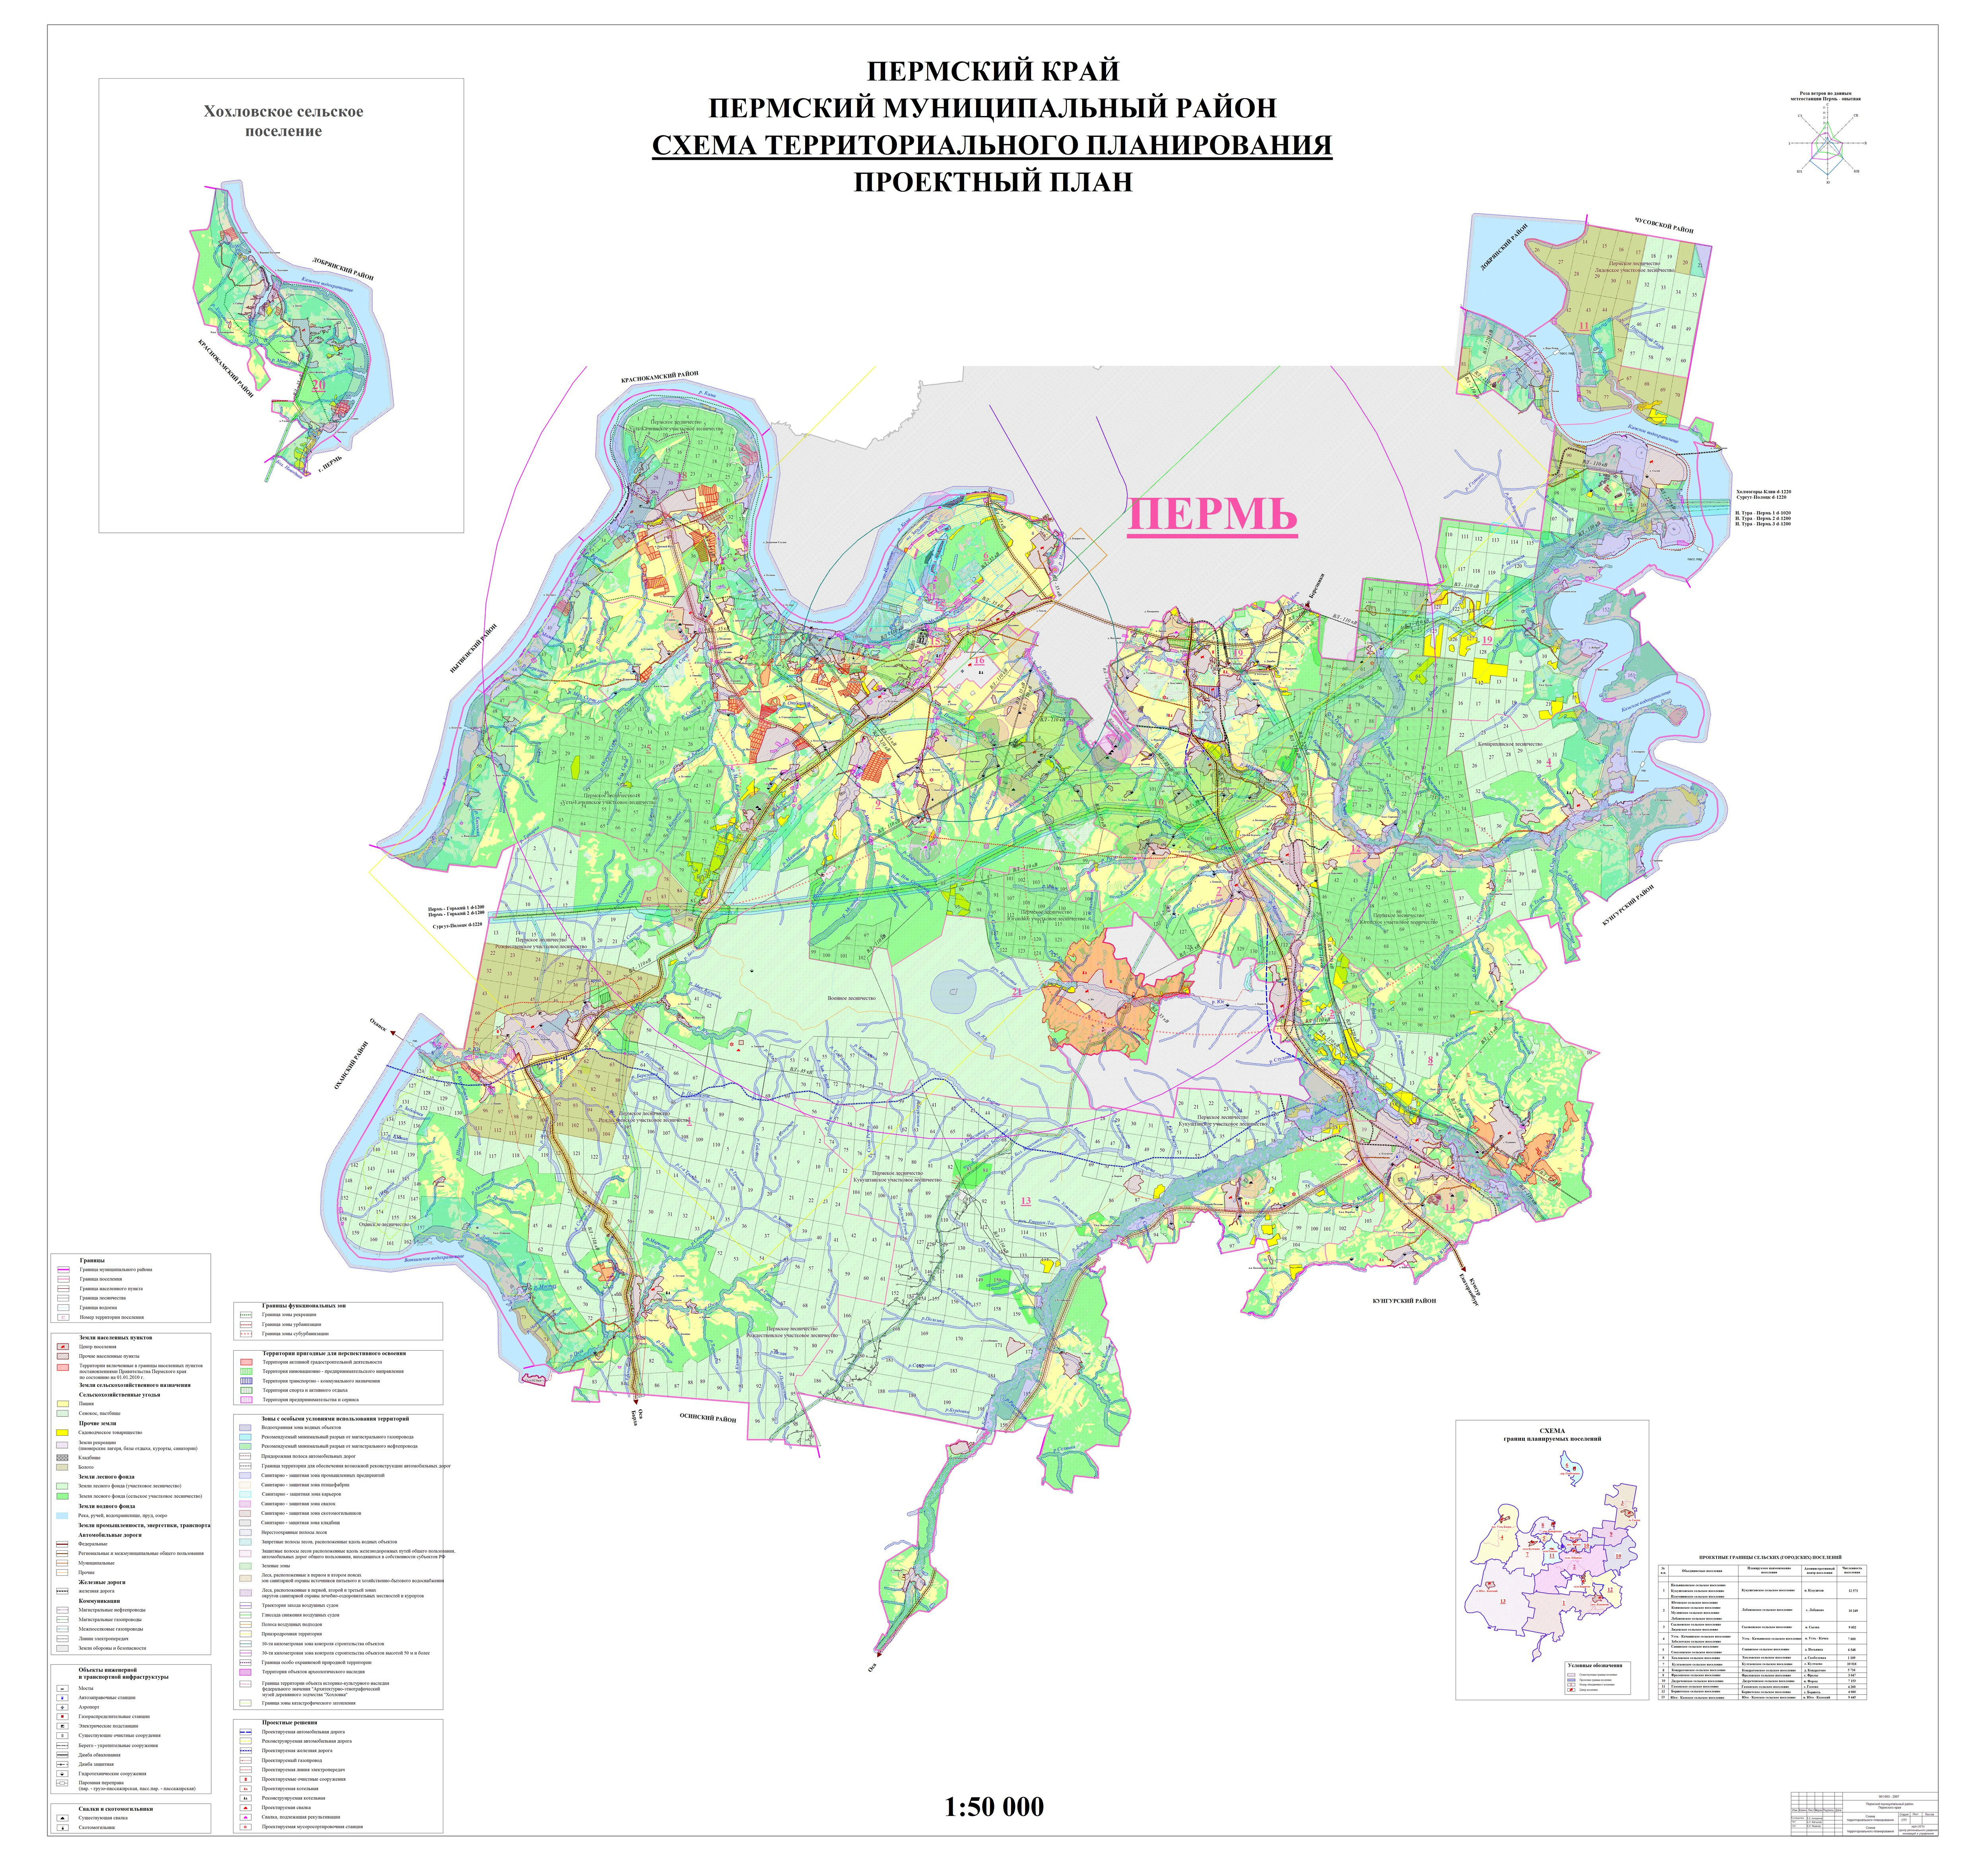 Утверждение изменений схемы территориального планирования муниципального района